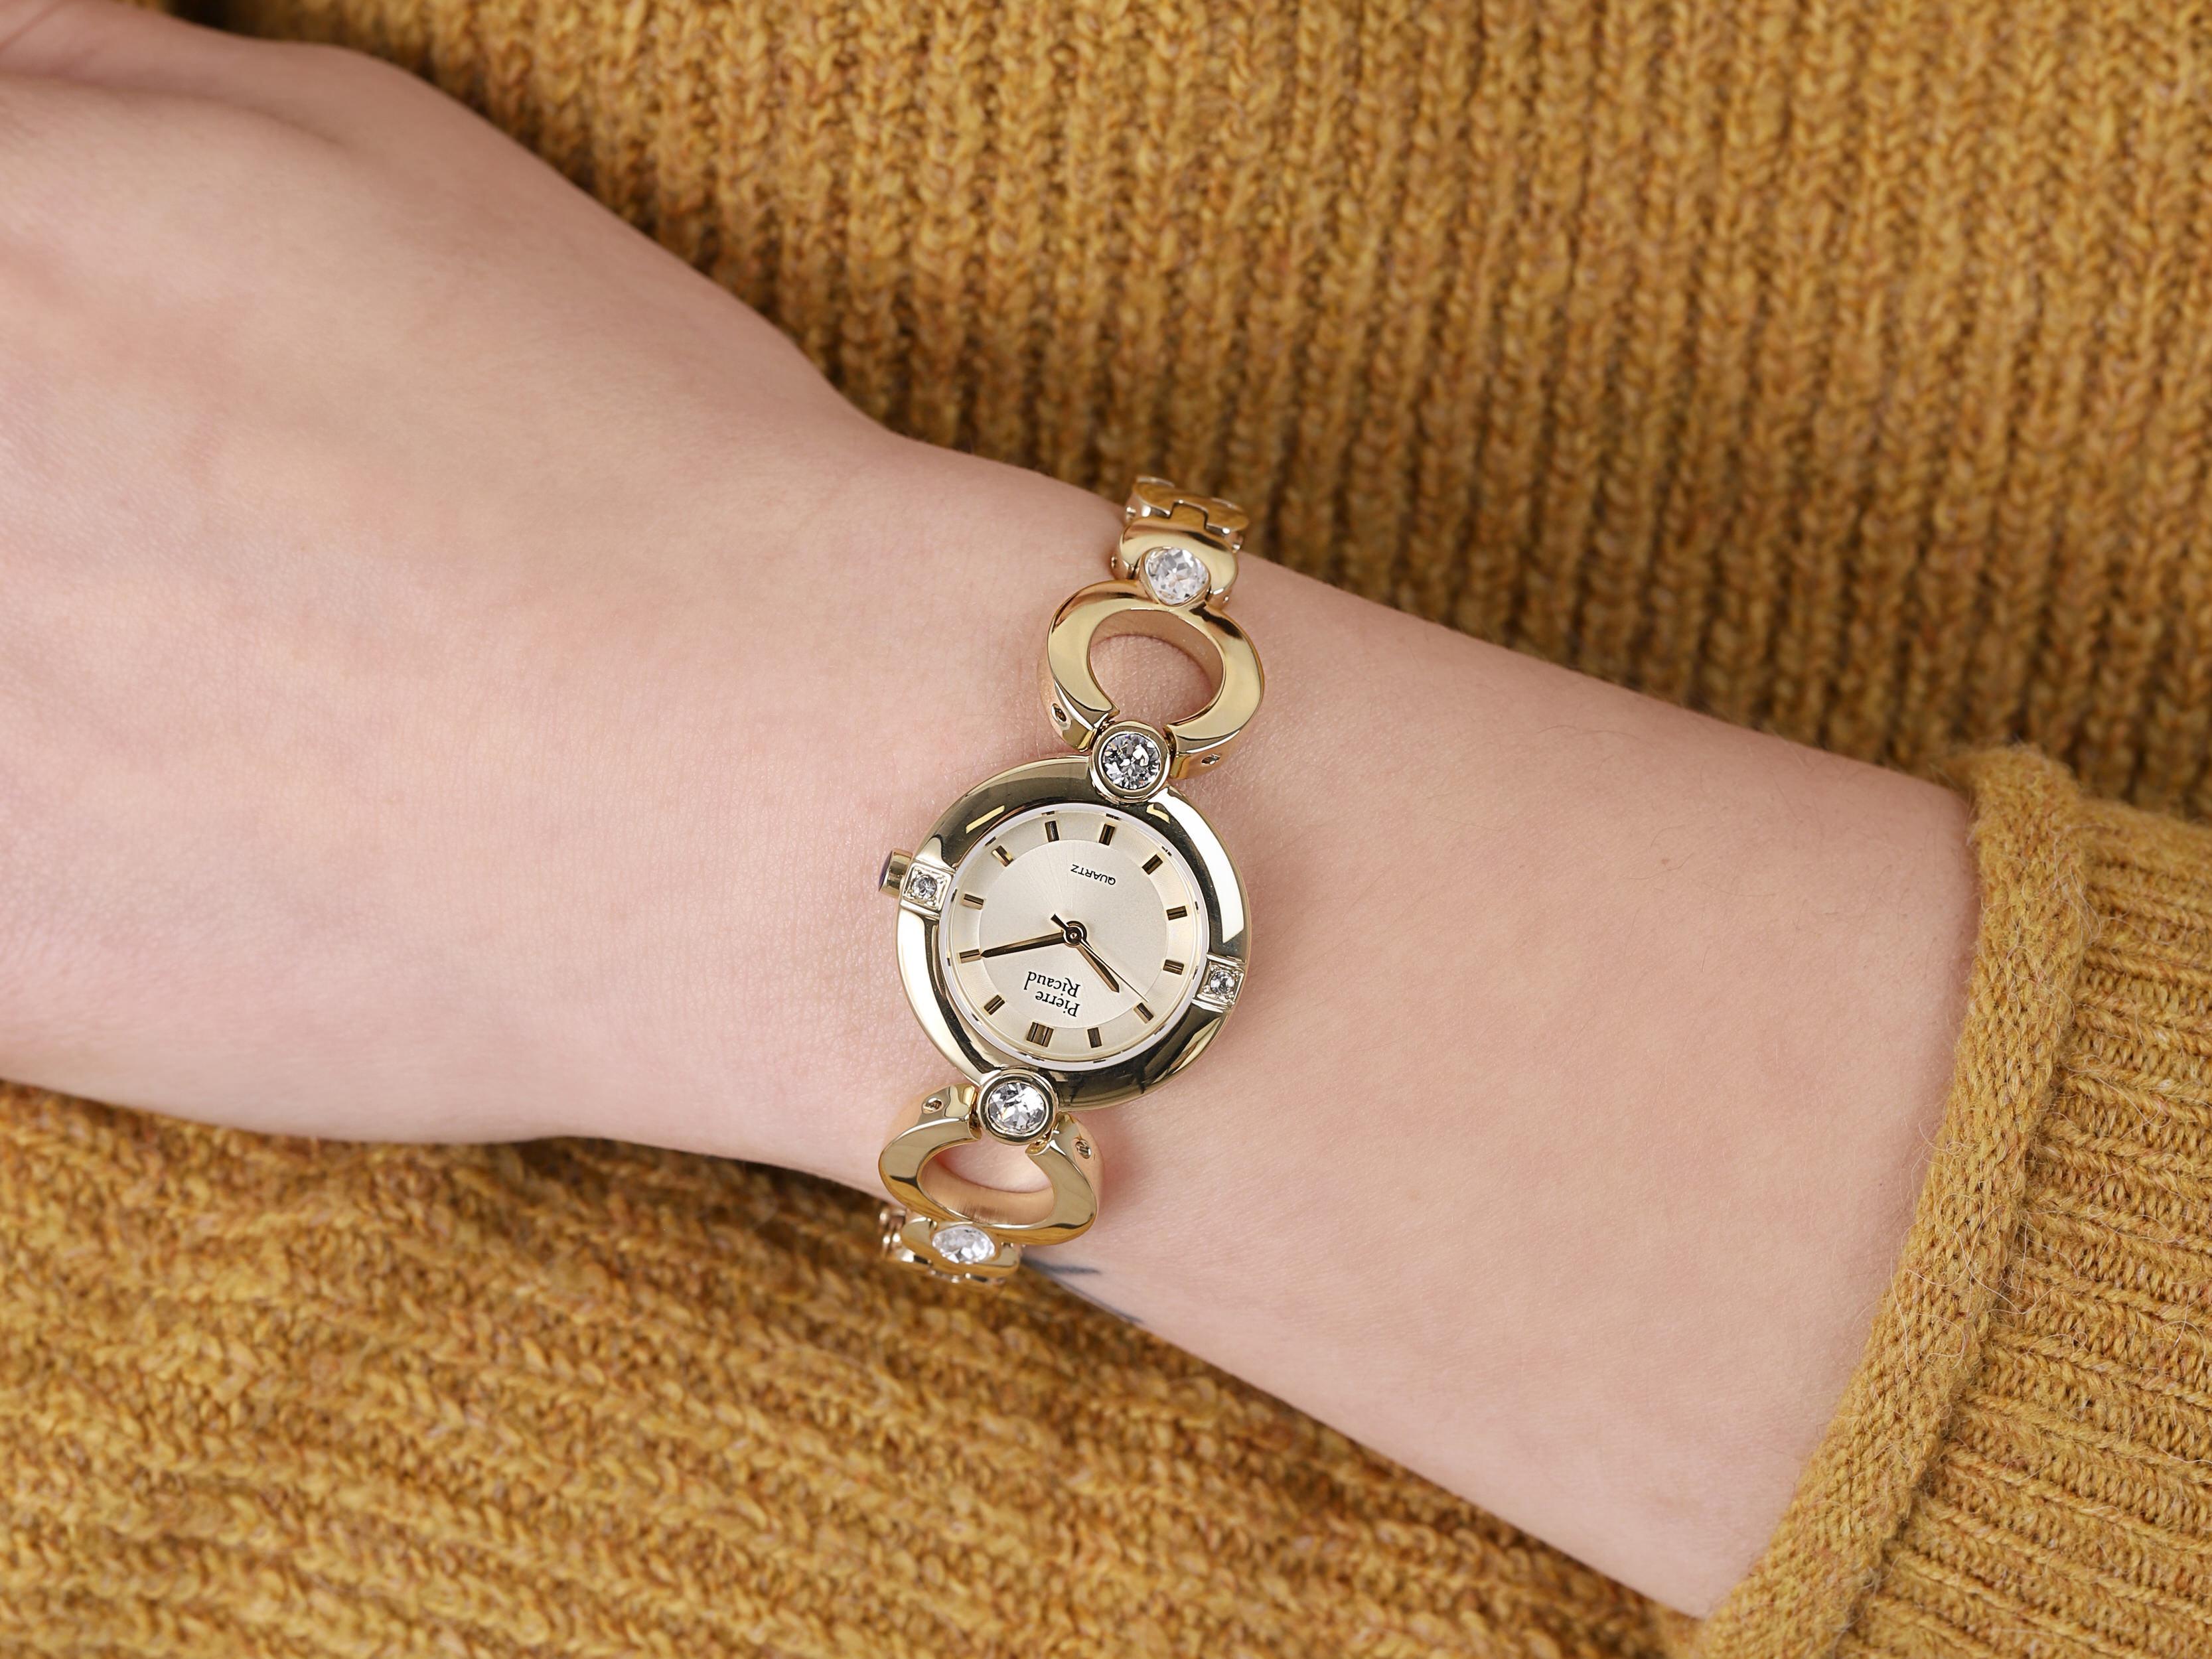 Pierre Ricaud P21070.1111QZ zegarek złoty klasyczny Bransoleta bransoleta